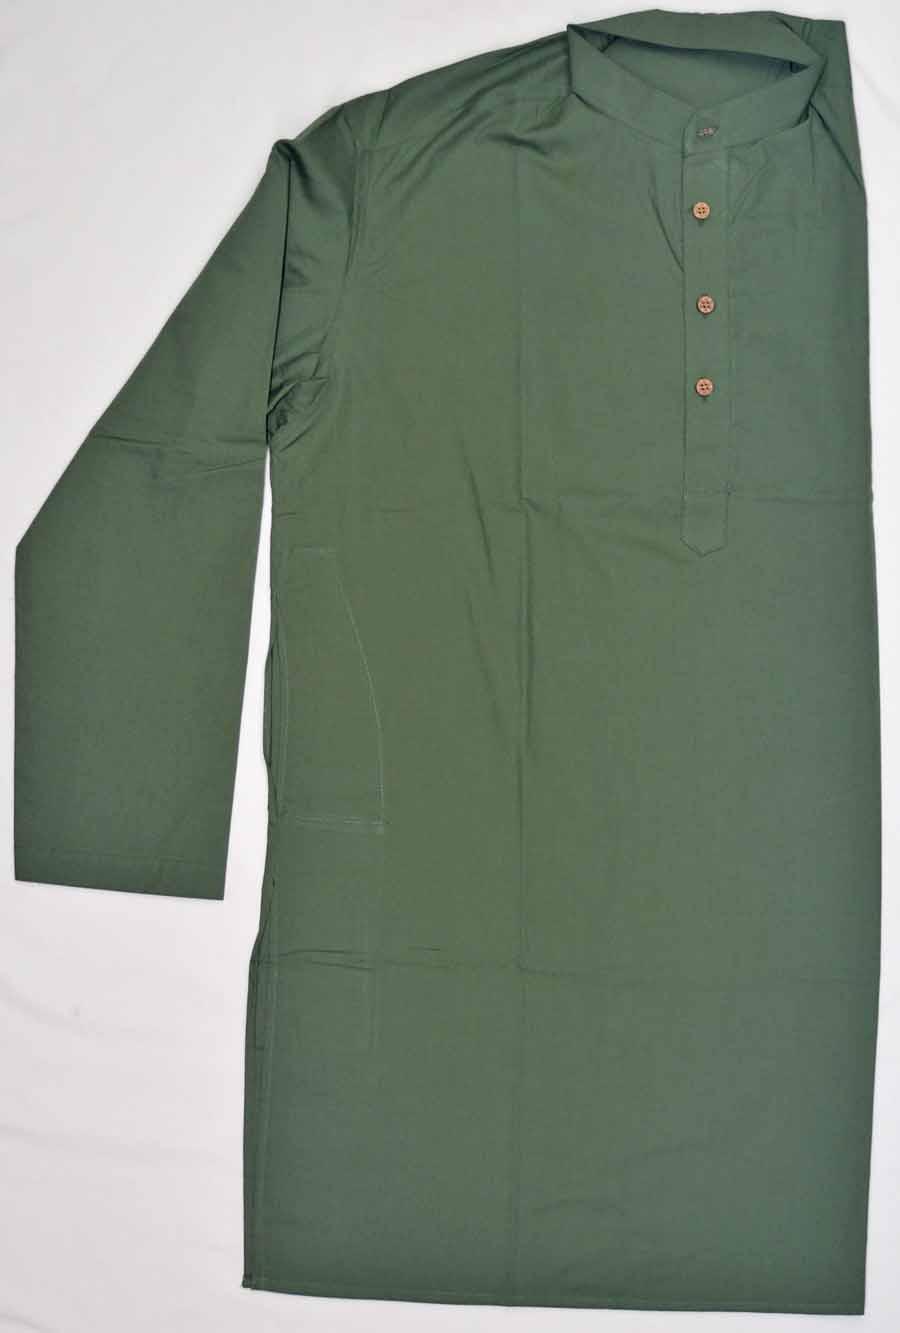 Cotton Kurta 9138 - 42